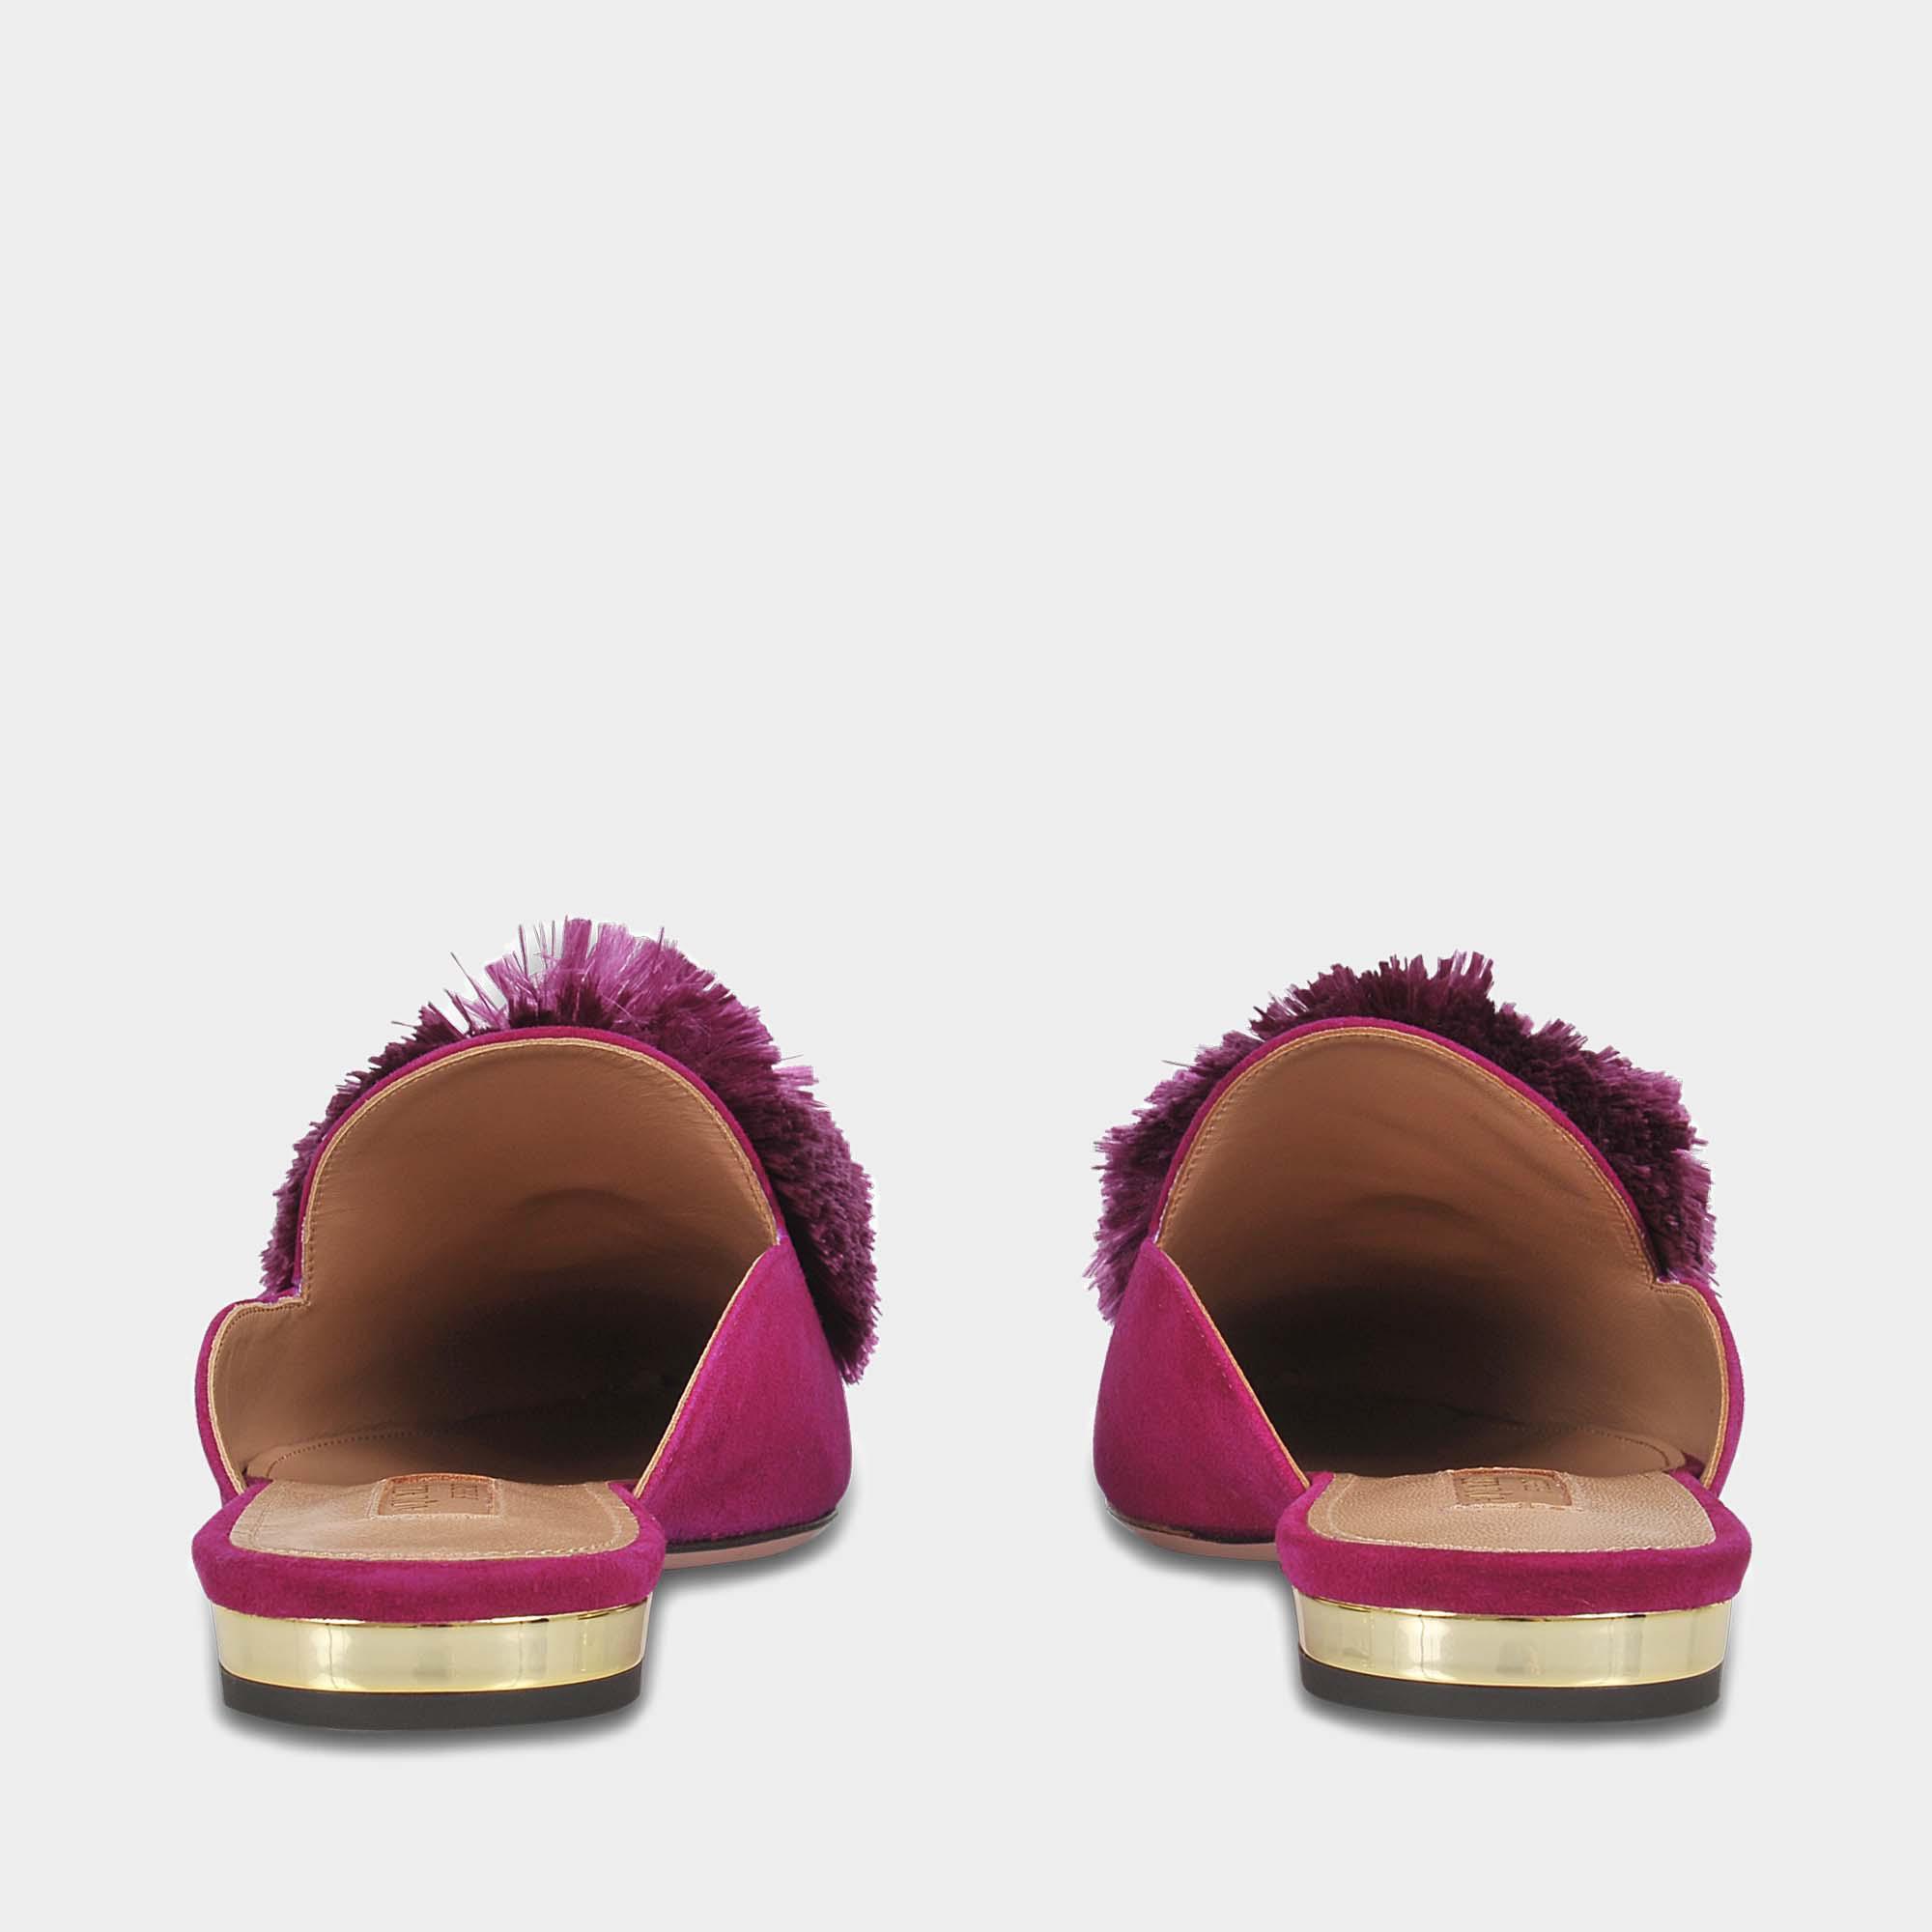 Powder Puff Flat Shoes in Iris Suede Aquazzura dvfJq